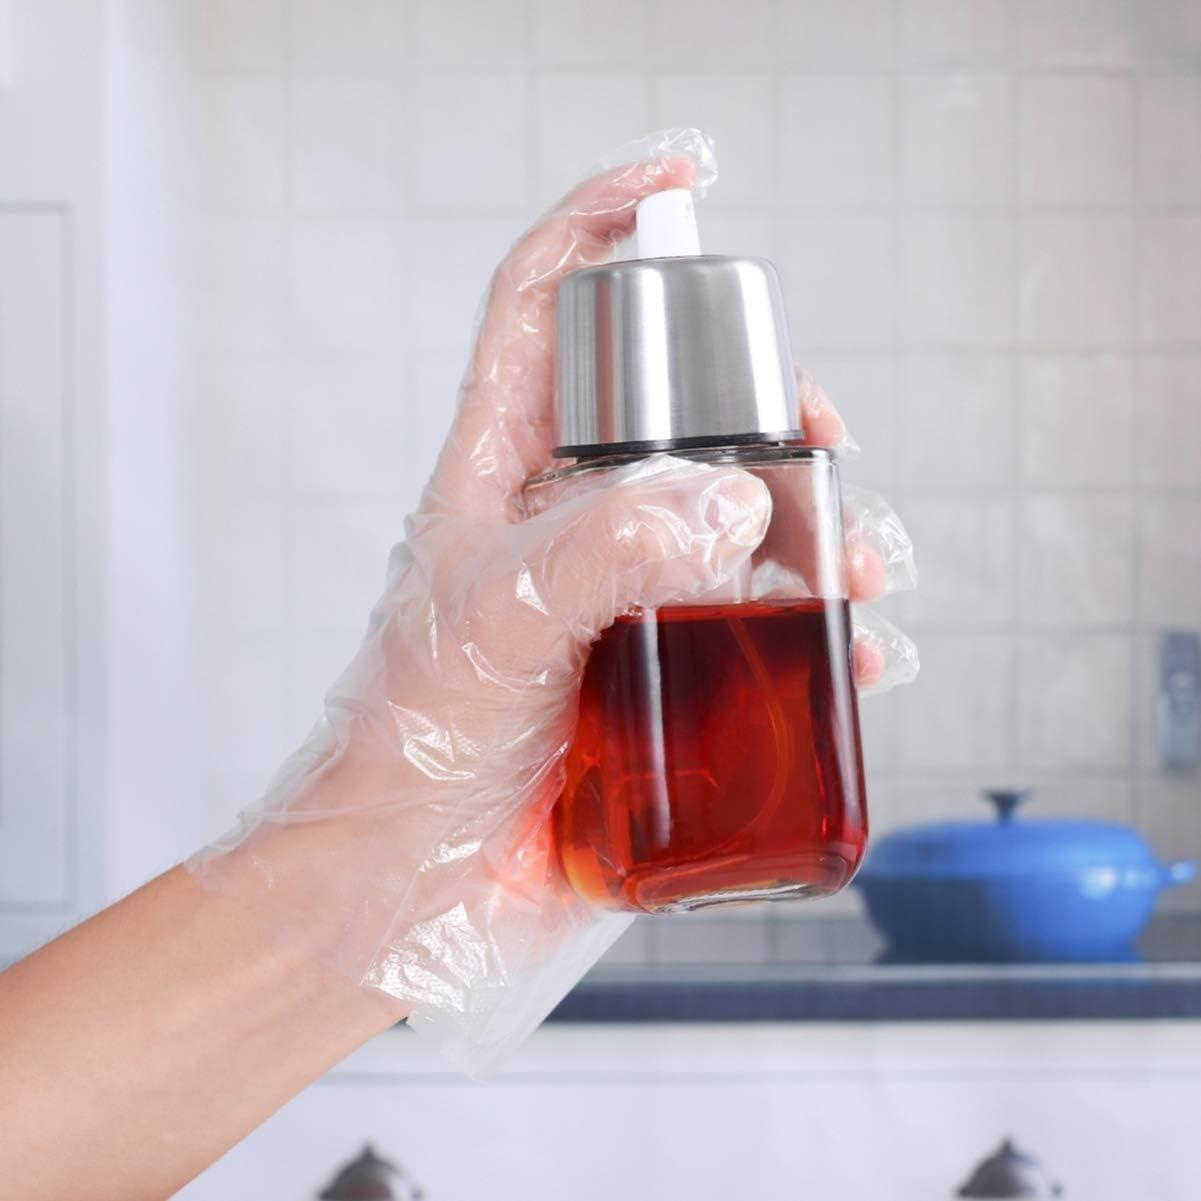 TENDYCOCO 200 Piezas de Guantes de Pl/ástico Desechables para Cocina Casera Restaurante Cocina Limpieza Industrial